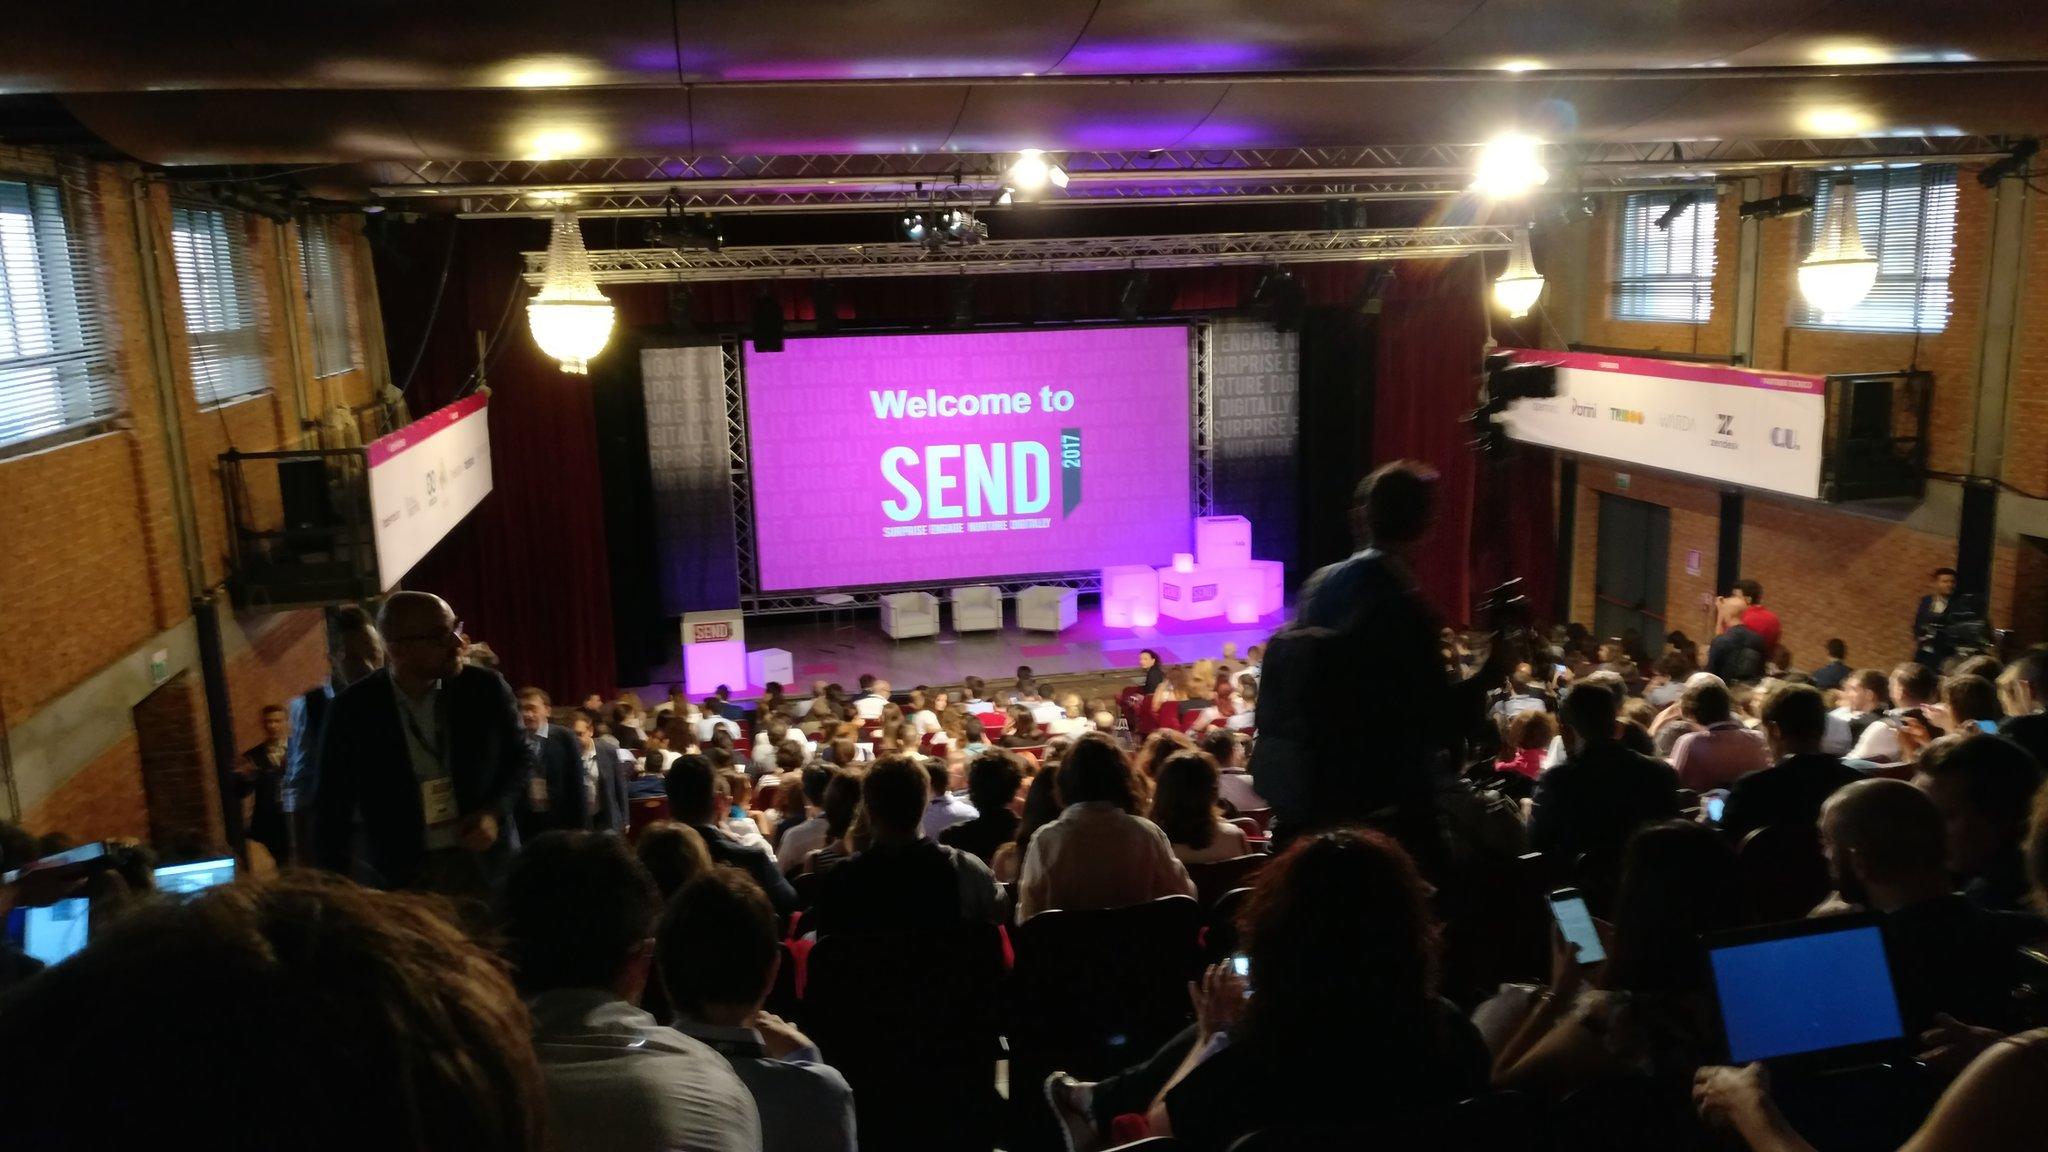 #SENDsummit17 ready to begin https://t.co/ez02E0Di9u